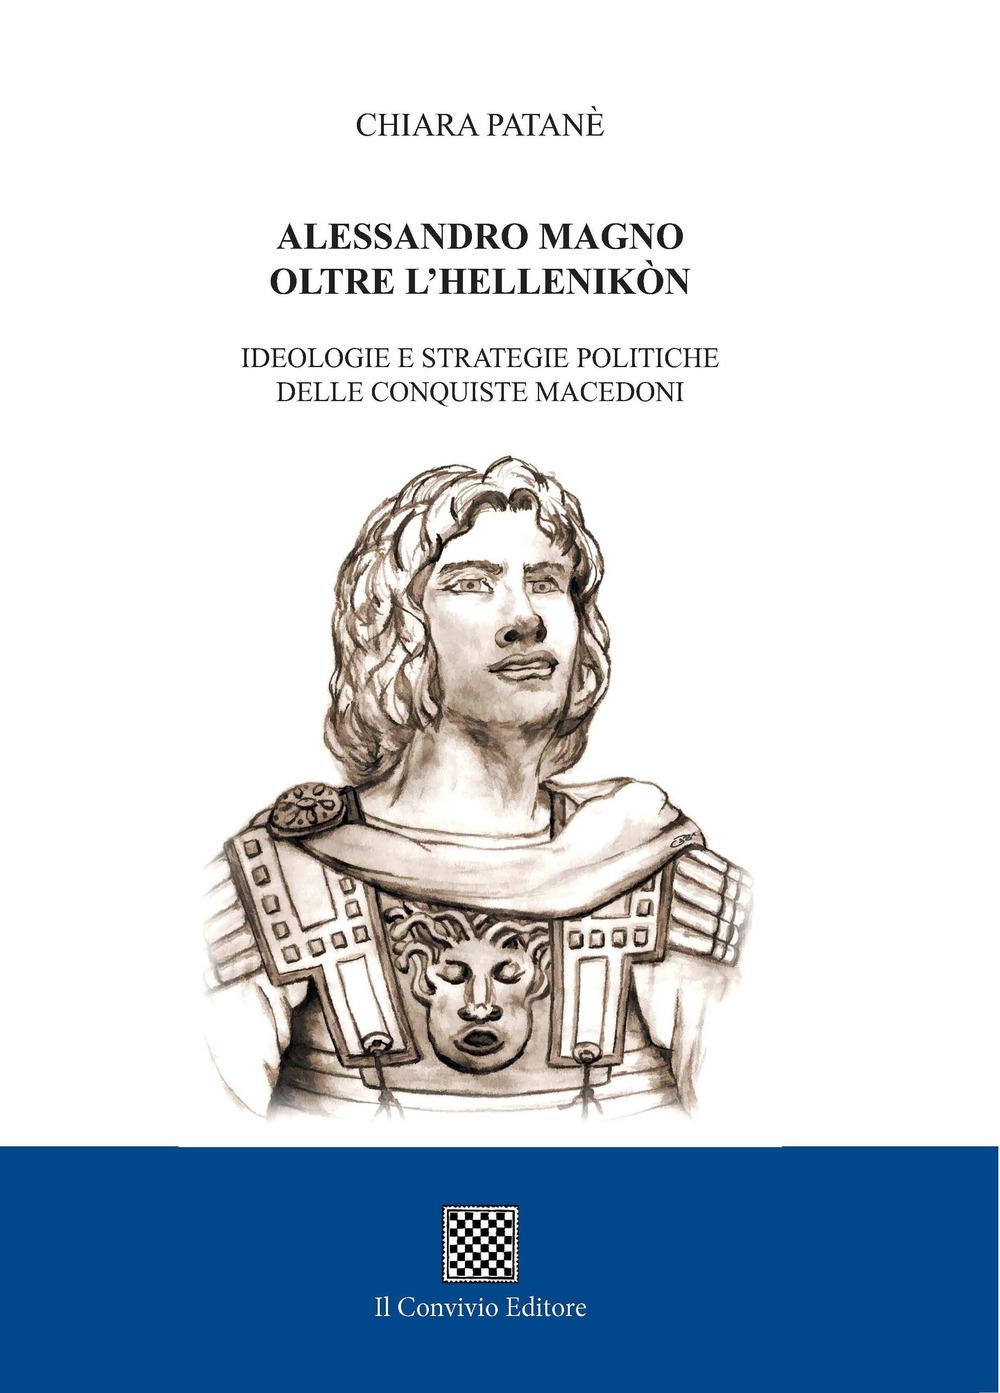 Alessandro Magno oltre l'Hellenikòn. Ideologie e strategie politiche delle conquiste macedoni Book Cover